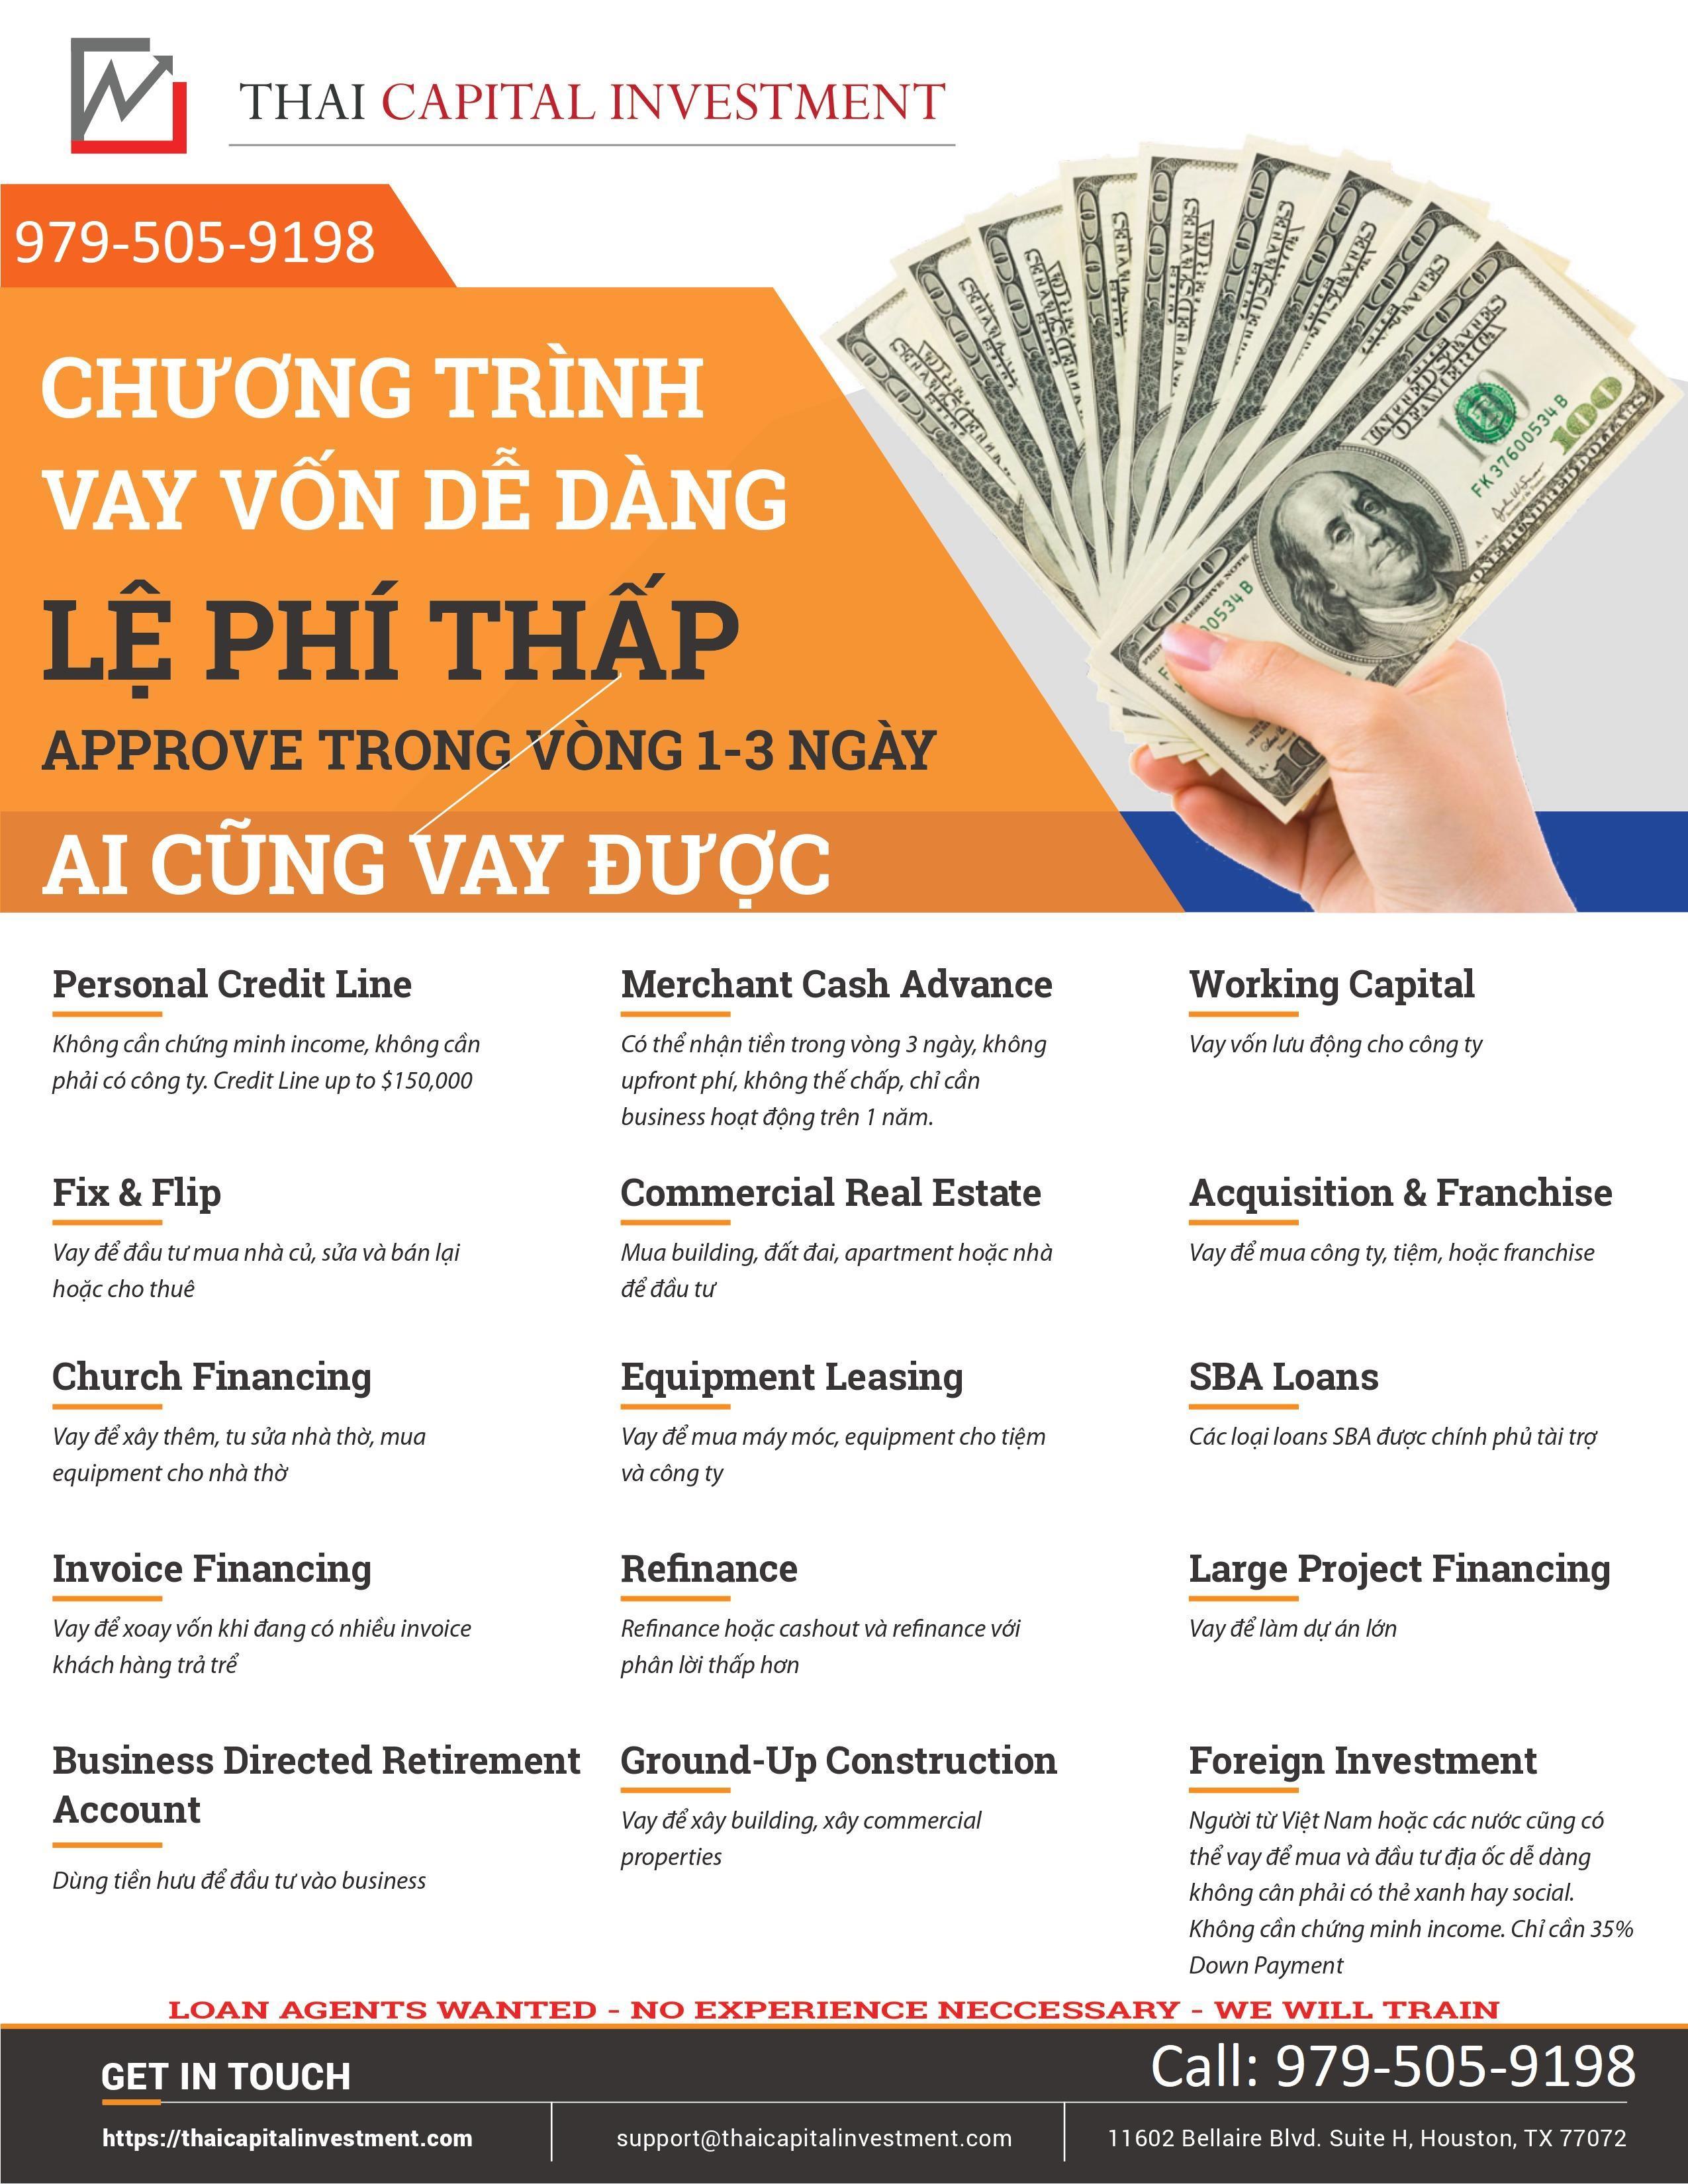 Cho vay khong the chap, khong chung minh income, cho vay mua nha